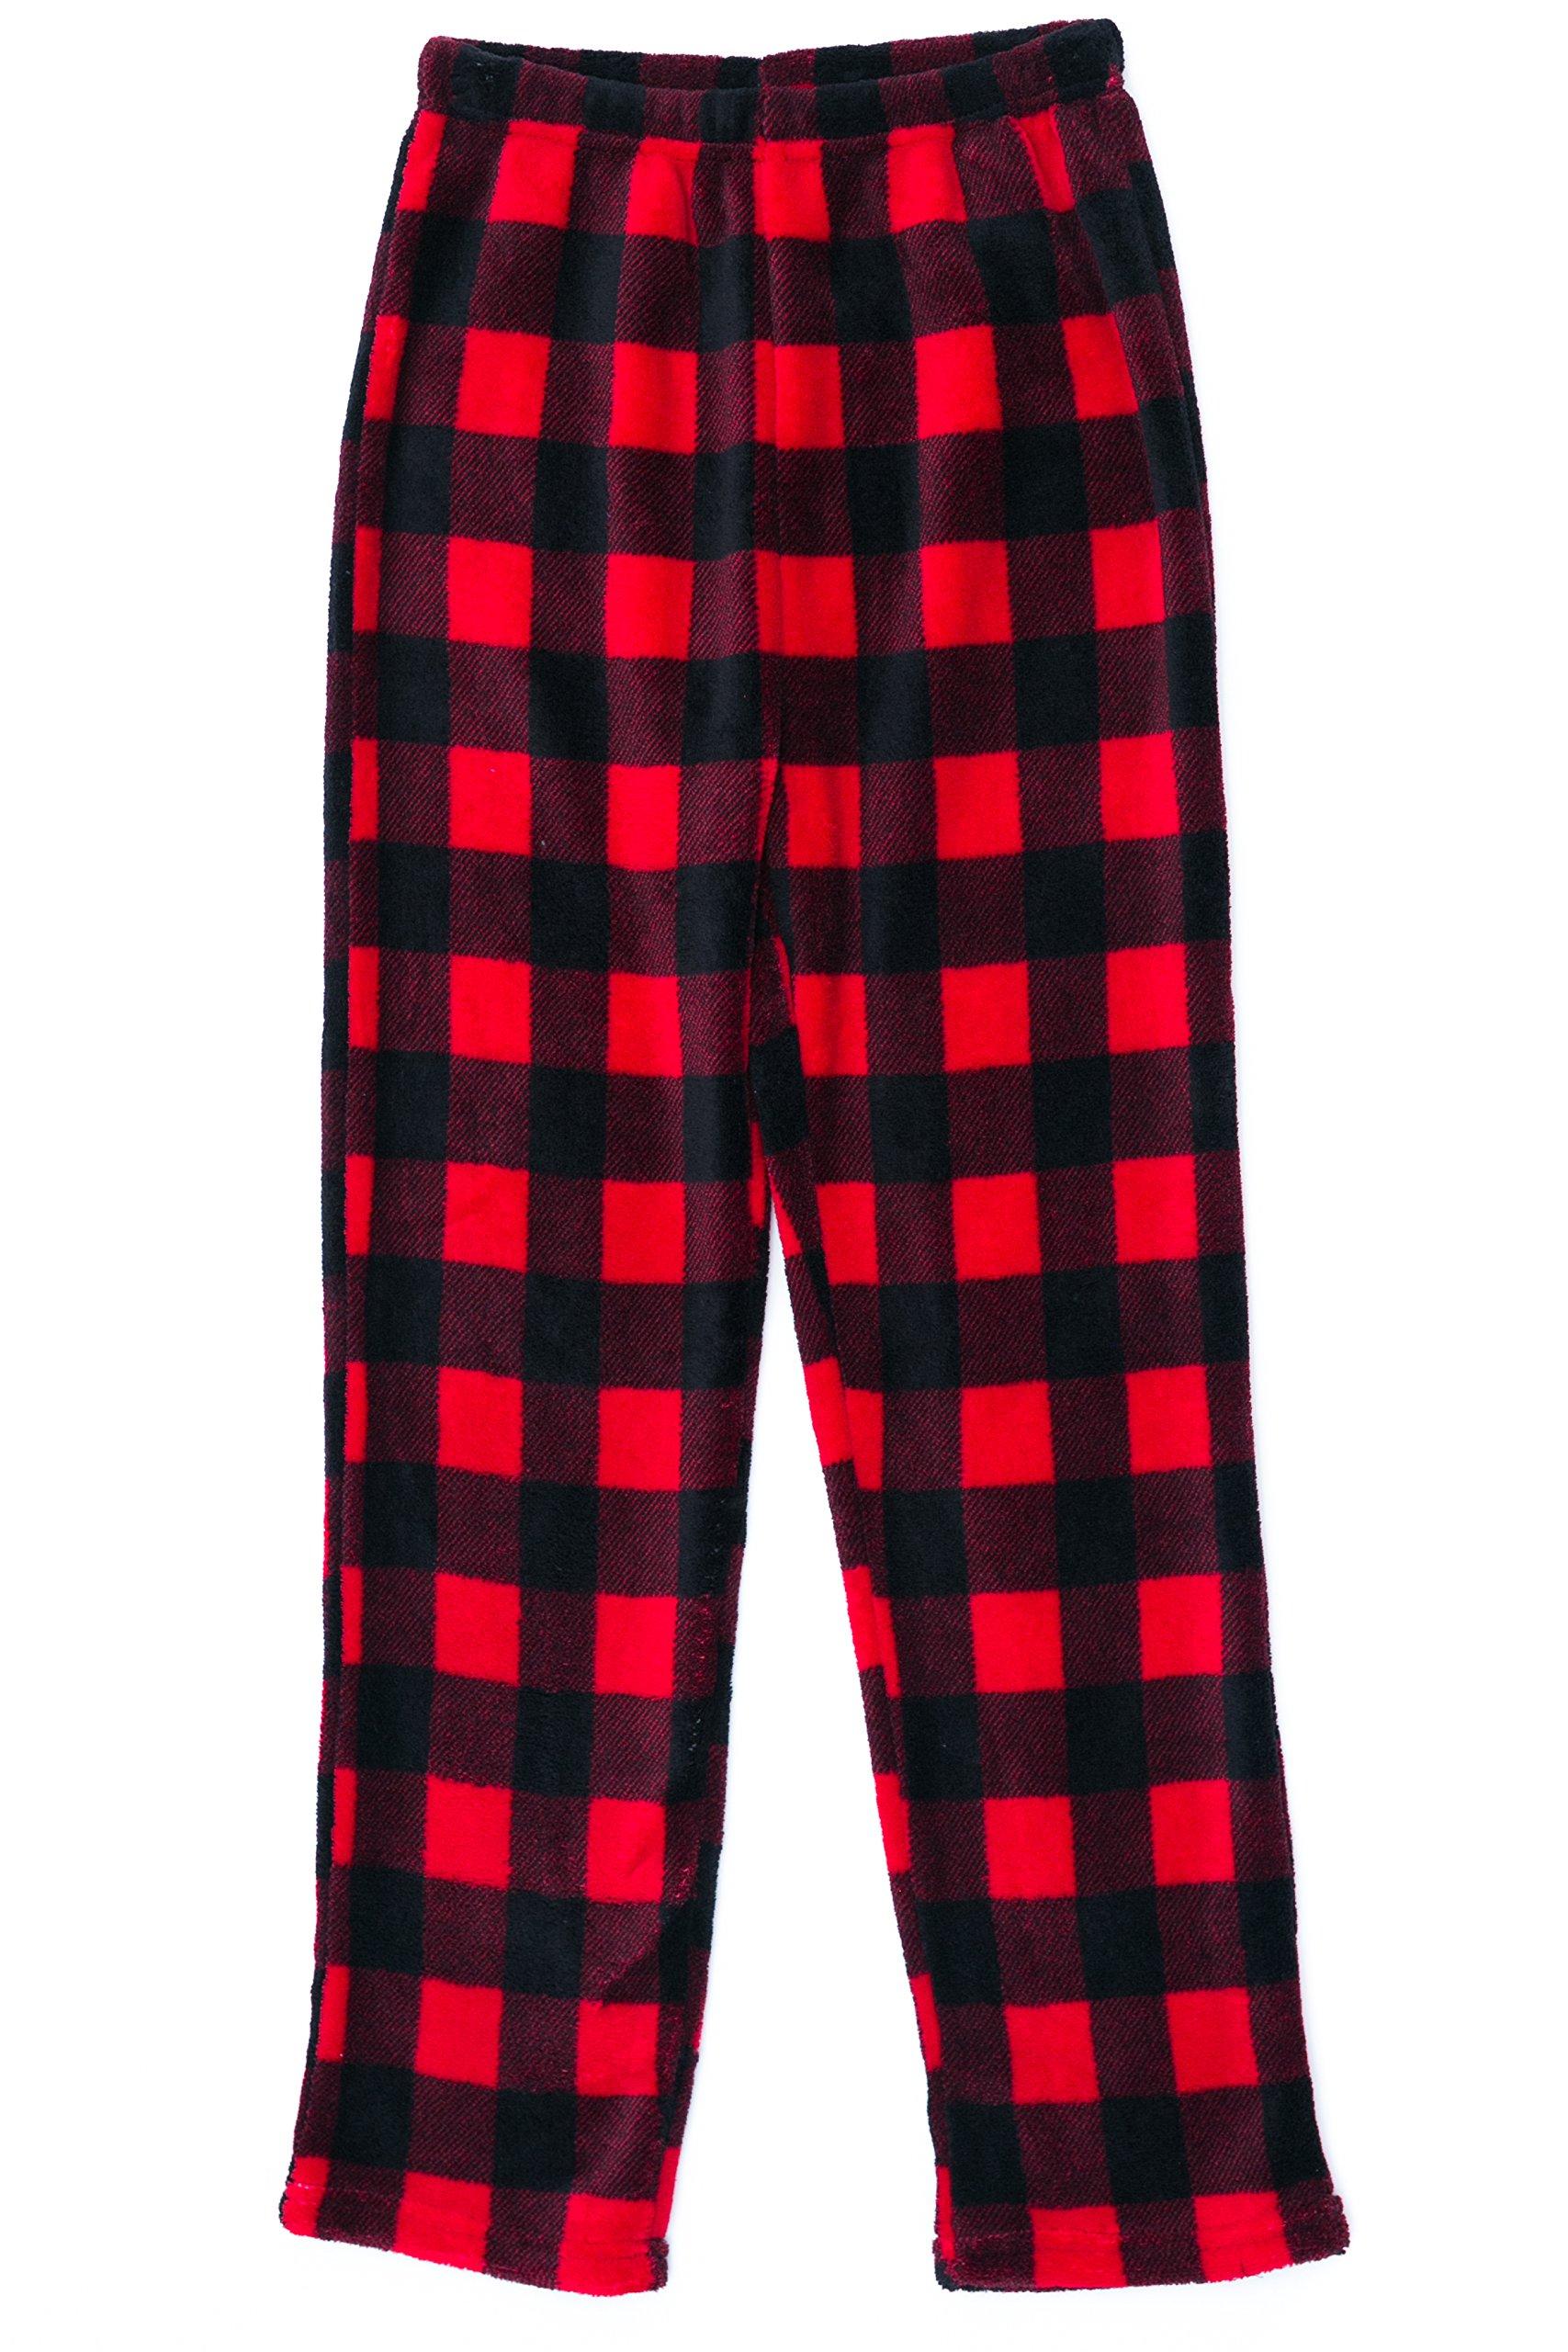 Prince of Sleep 45508-8-14-16 Plush Pajama Pants for Boys